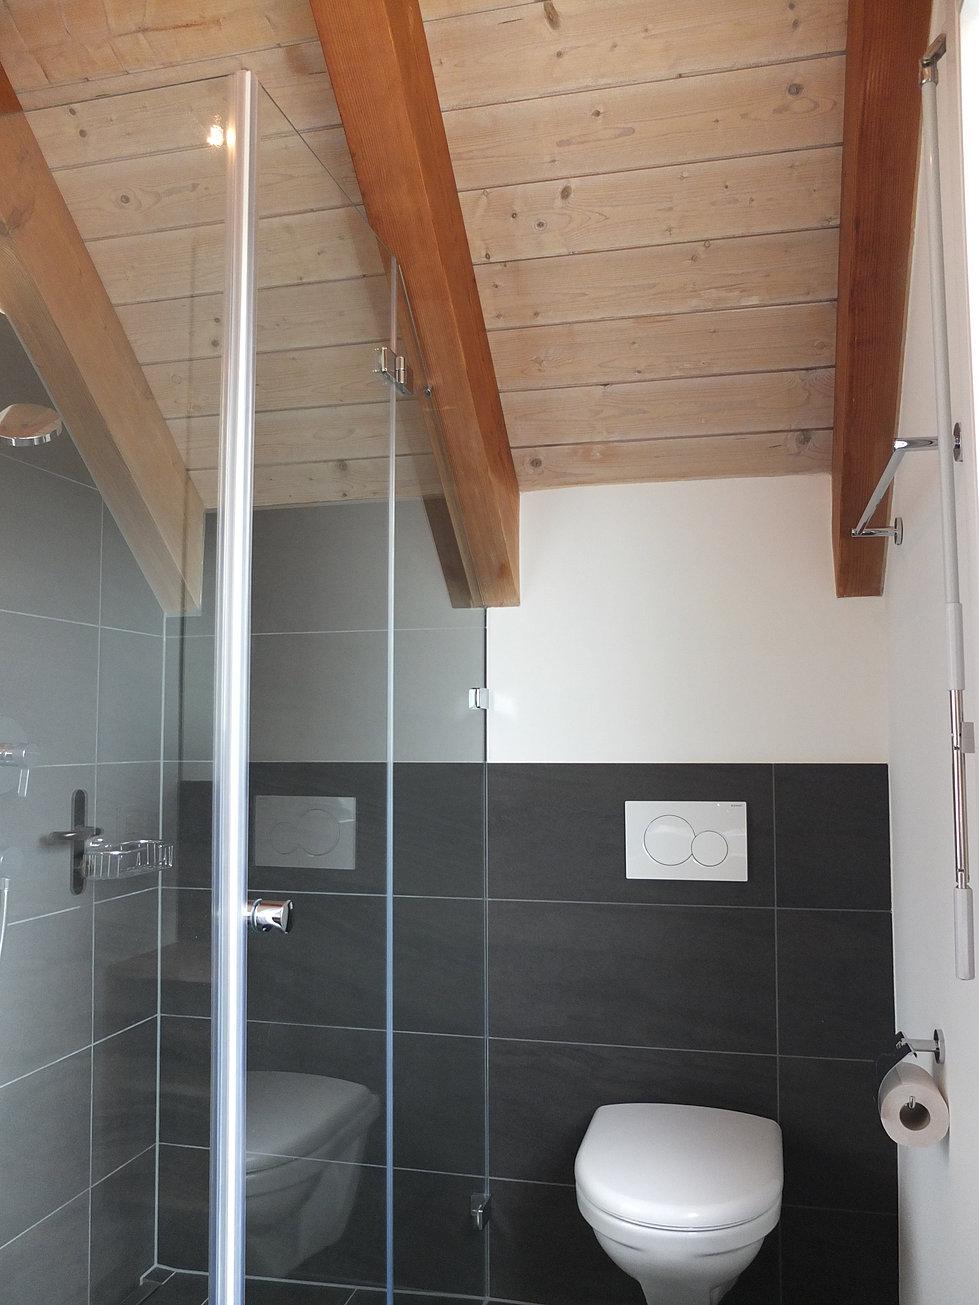 badezimmer umbau ideen perfekte kleine dusche ideen auf badezimmer mit ideen schn kleines. Black Bedroom Furniture Sets. Home Design Ideas